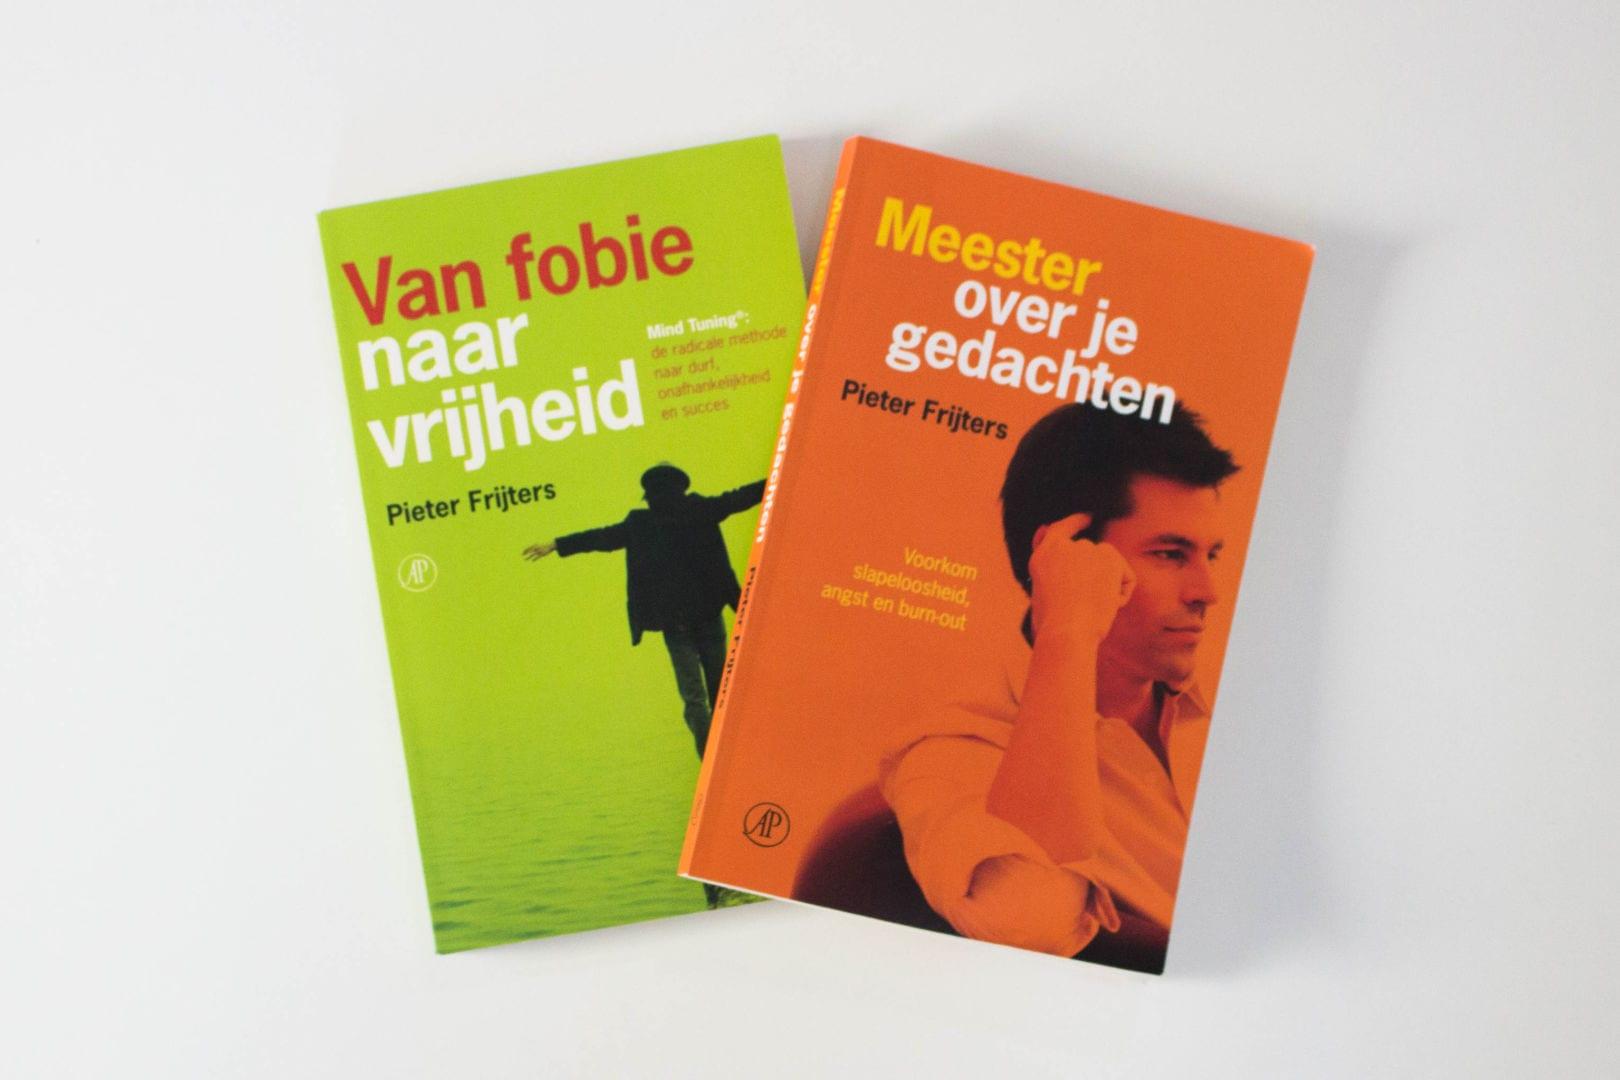 Boeken Pieter Frijters